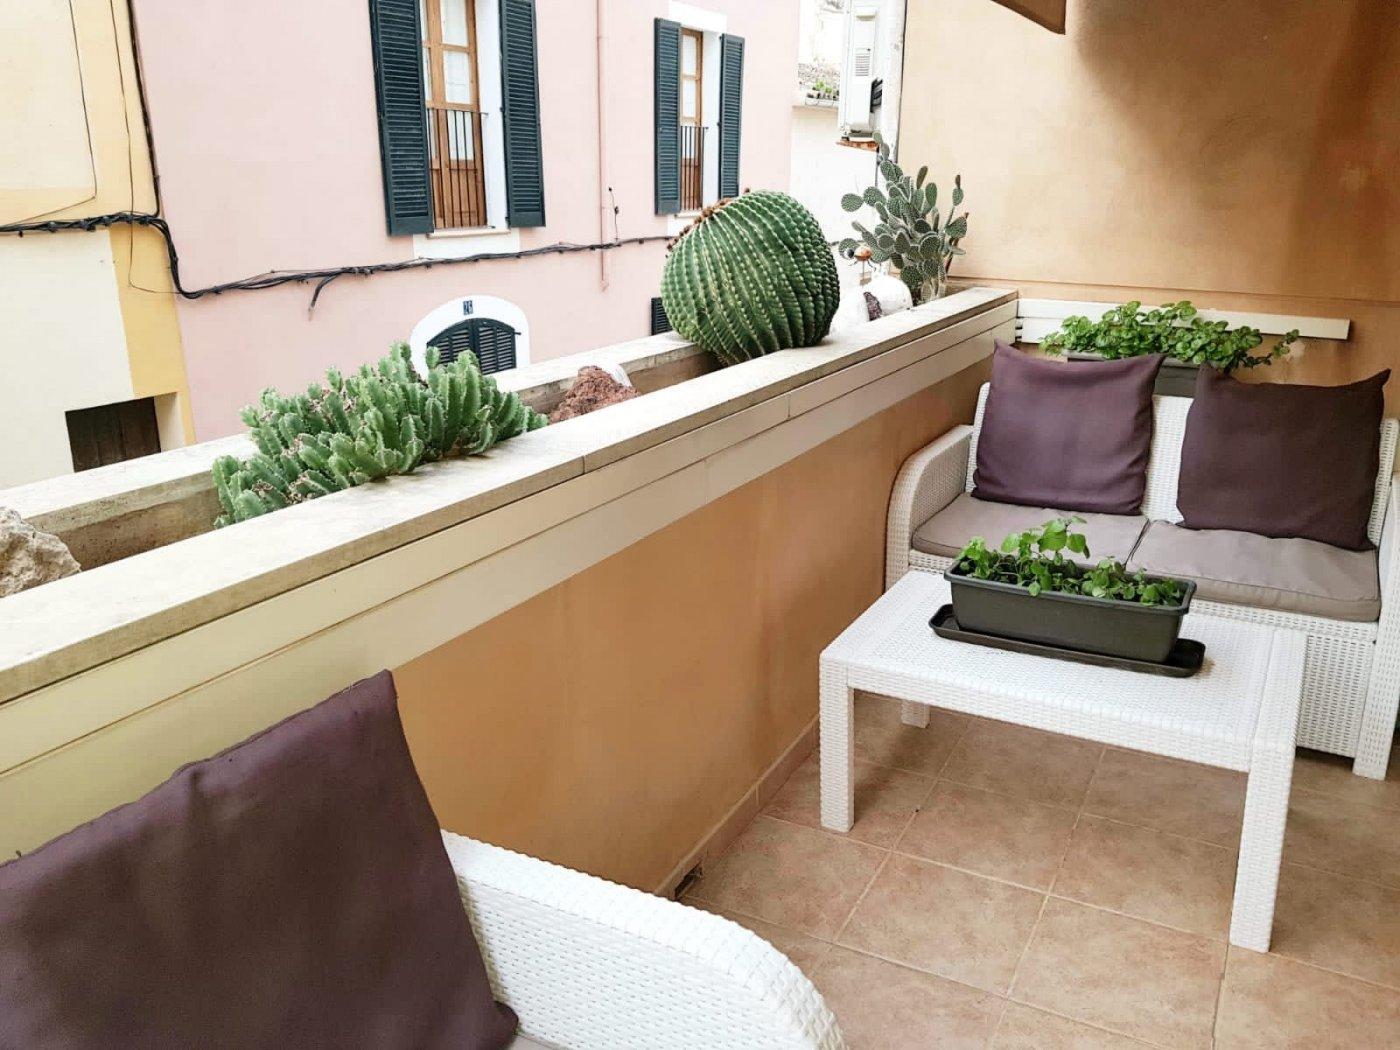 Se vende bonito apartamento semi nuevo con parking en andratx - imagenInmueble31